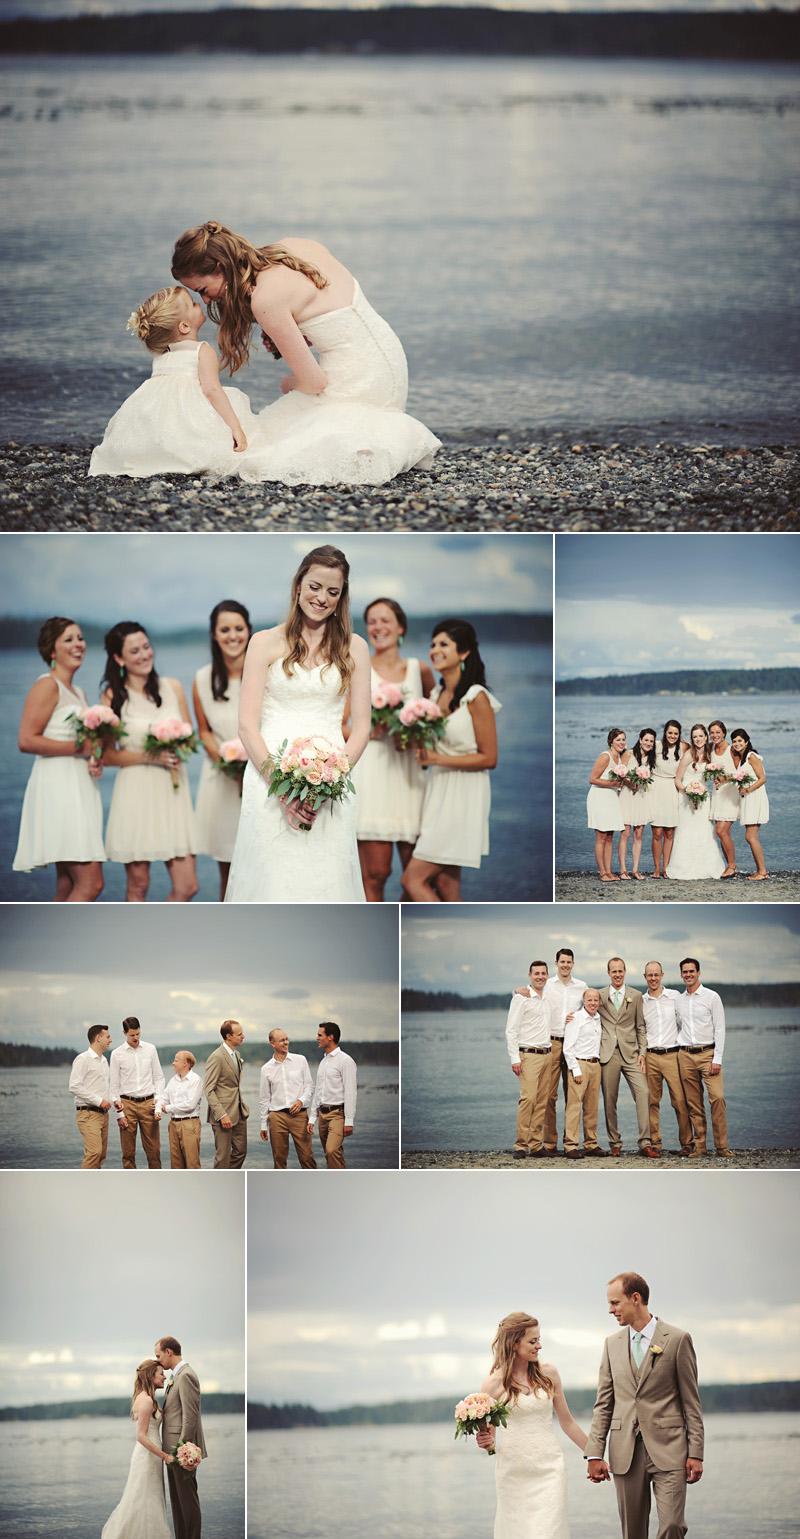 188金宝博线上平台婚礼。